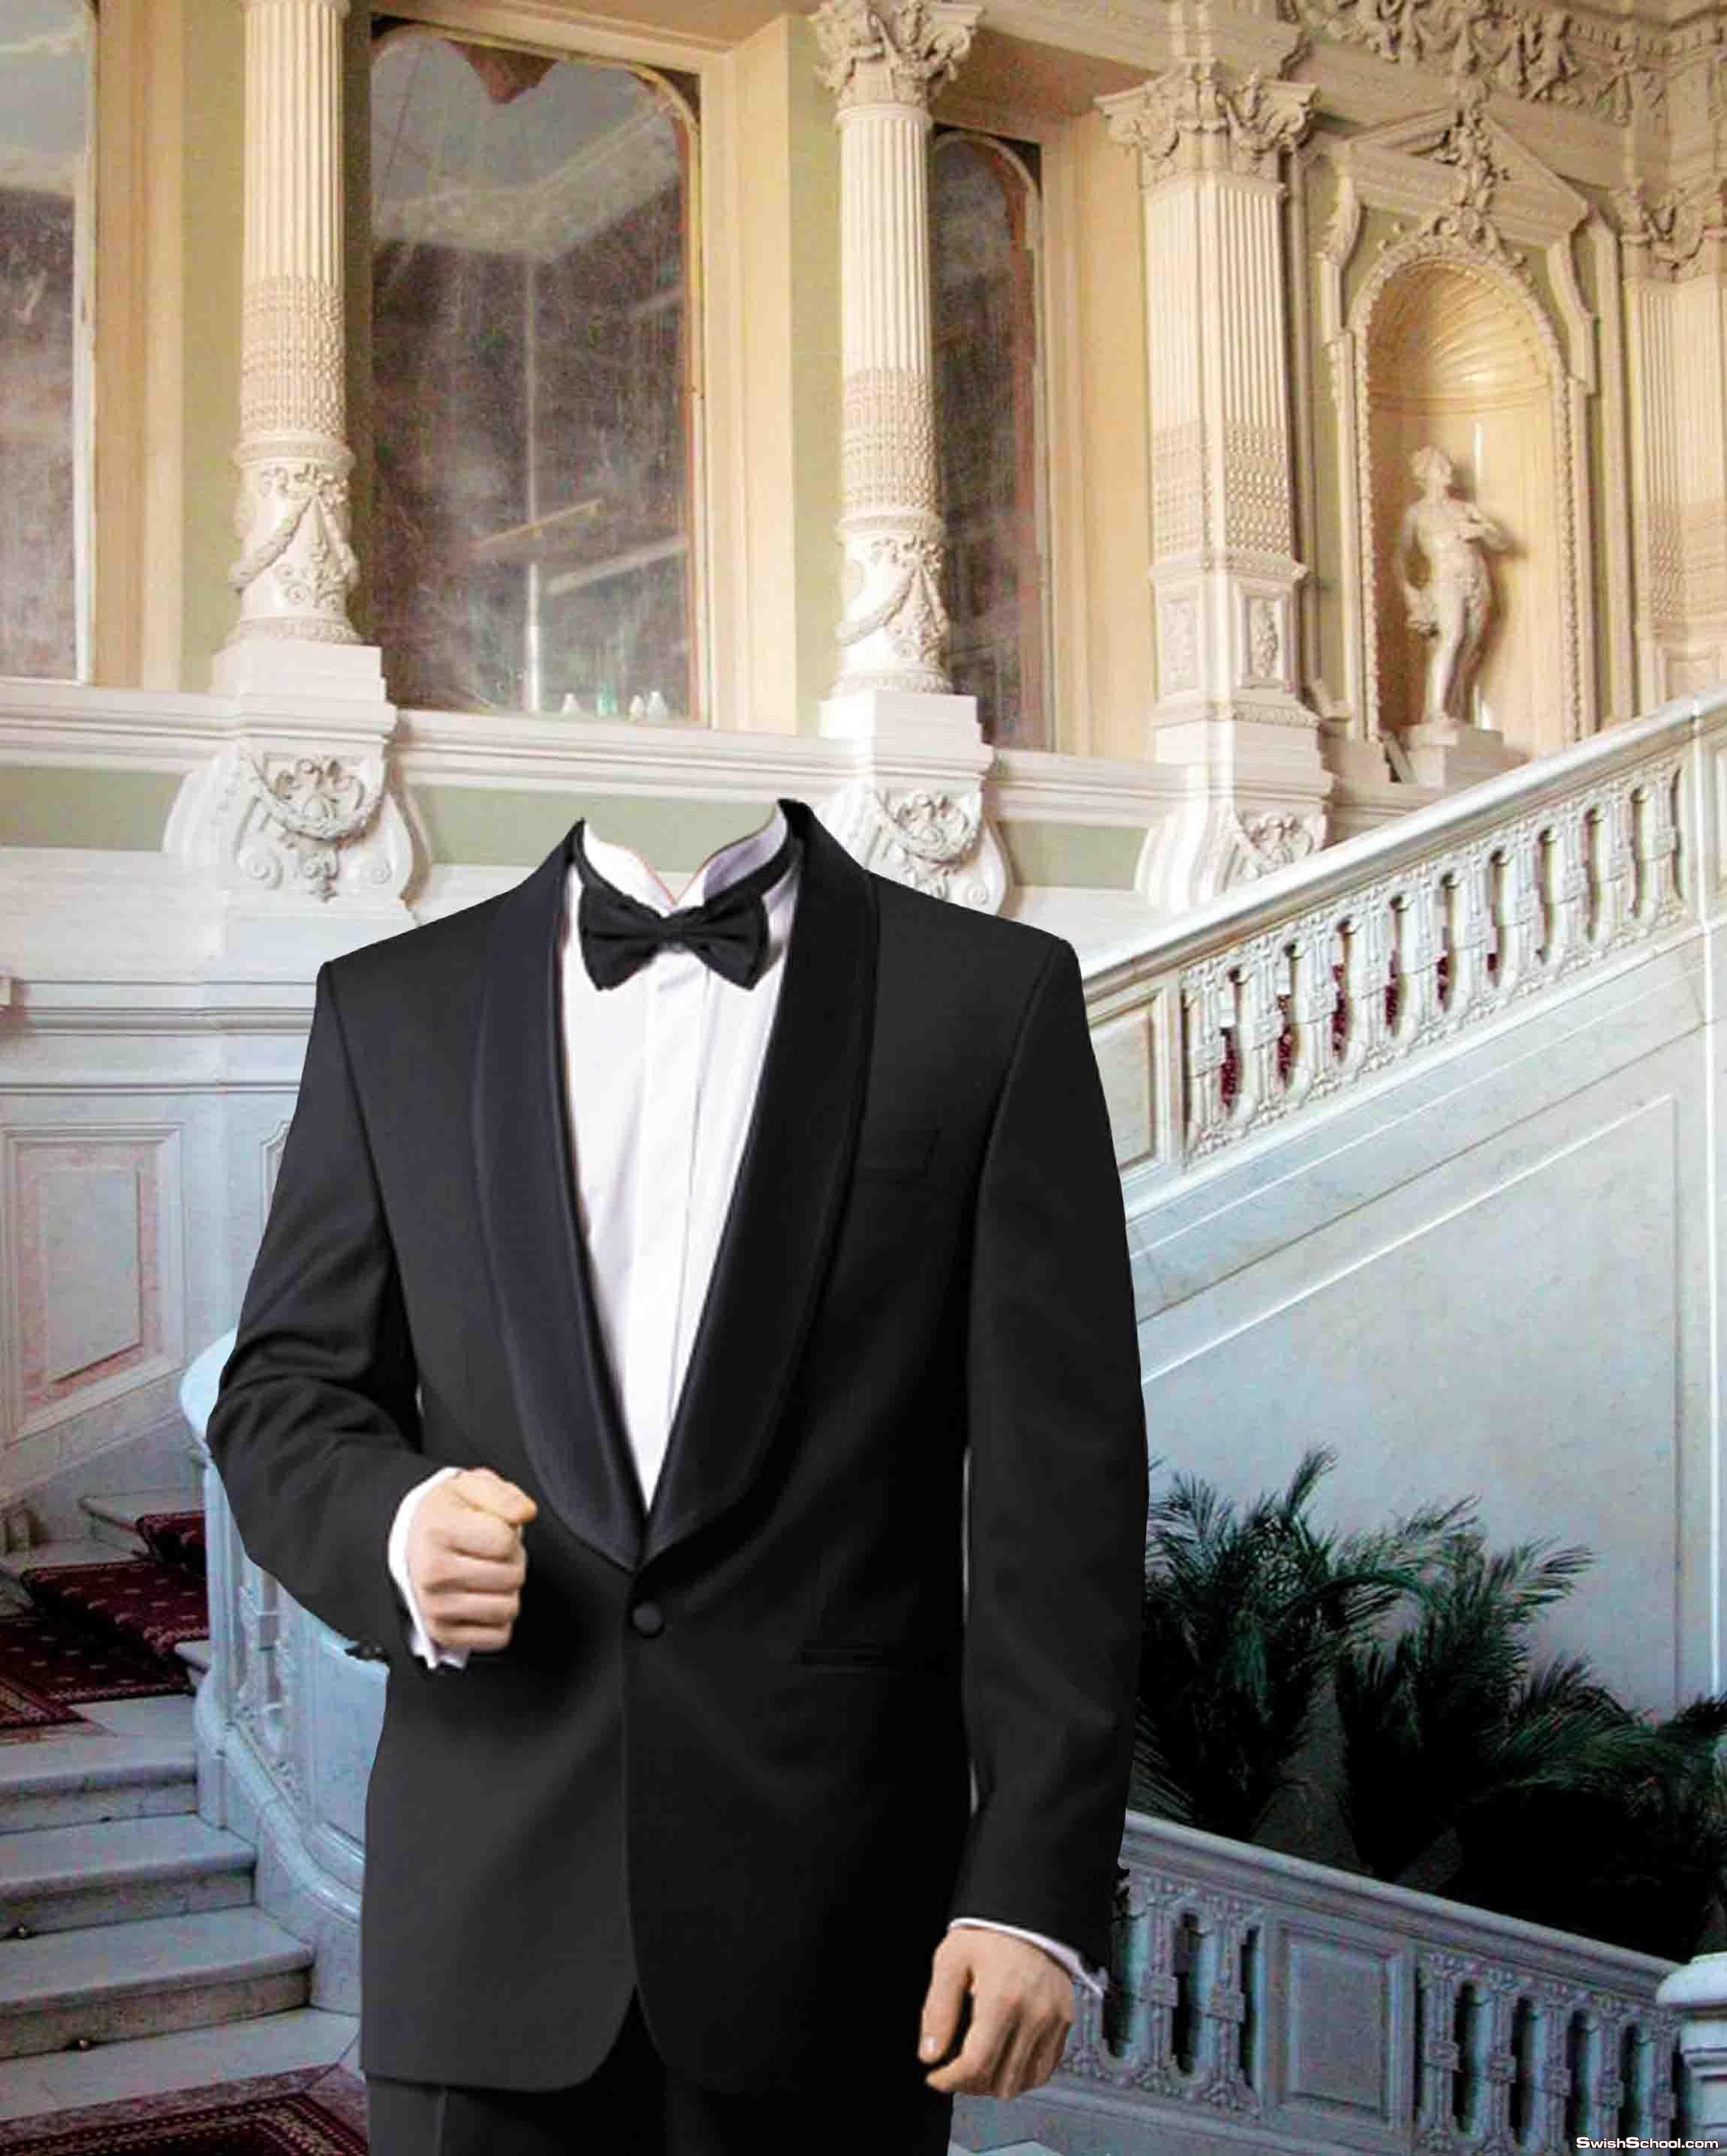 قالب لراجل يرتدى بدلة smoking رائع